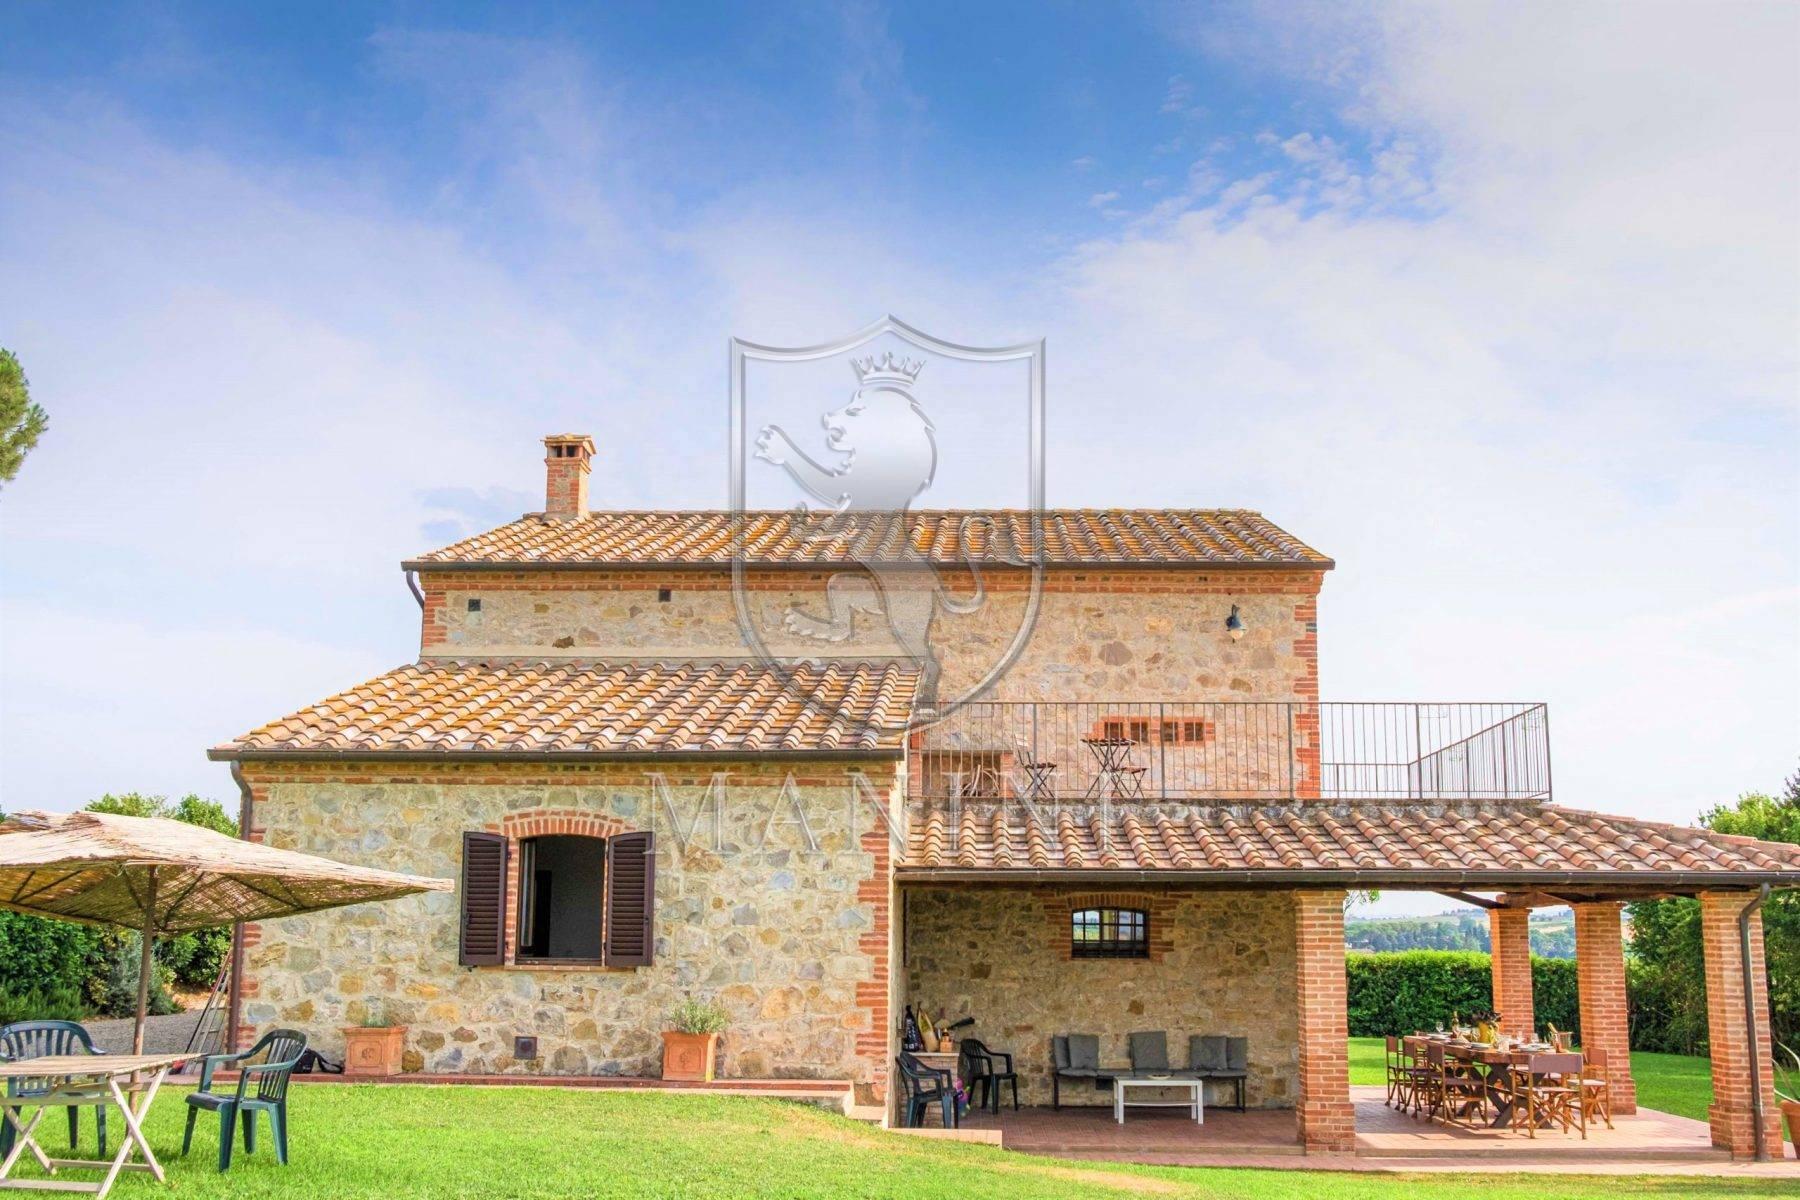 Rustico / Casale in vendita a Castiglione del Lago, 11 locali, zona Zona: Sanfatucchio, prezzo € 685.000   CambioCasa.it